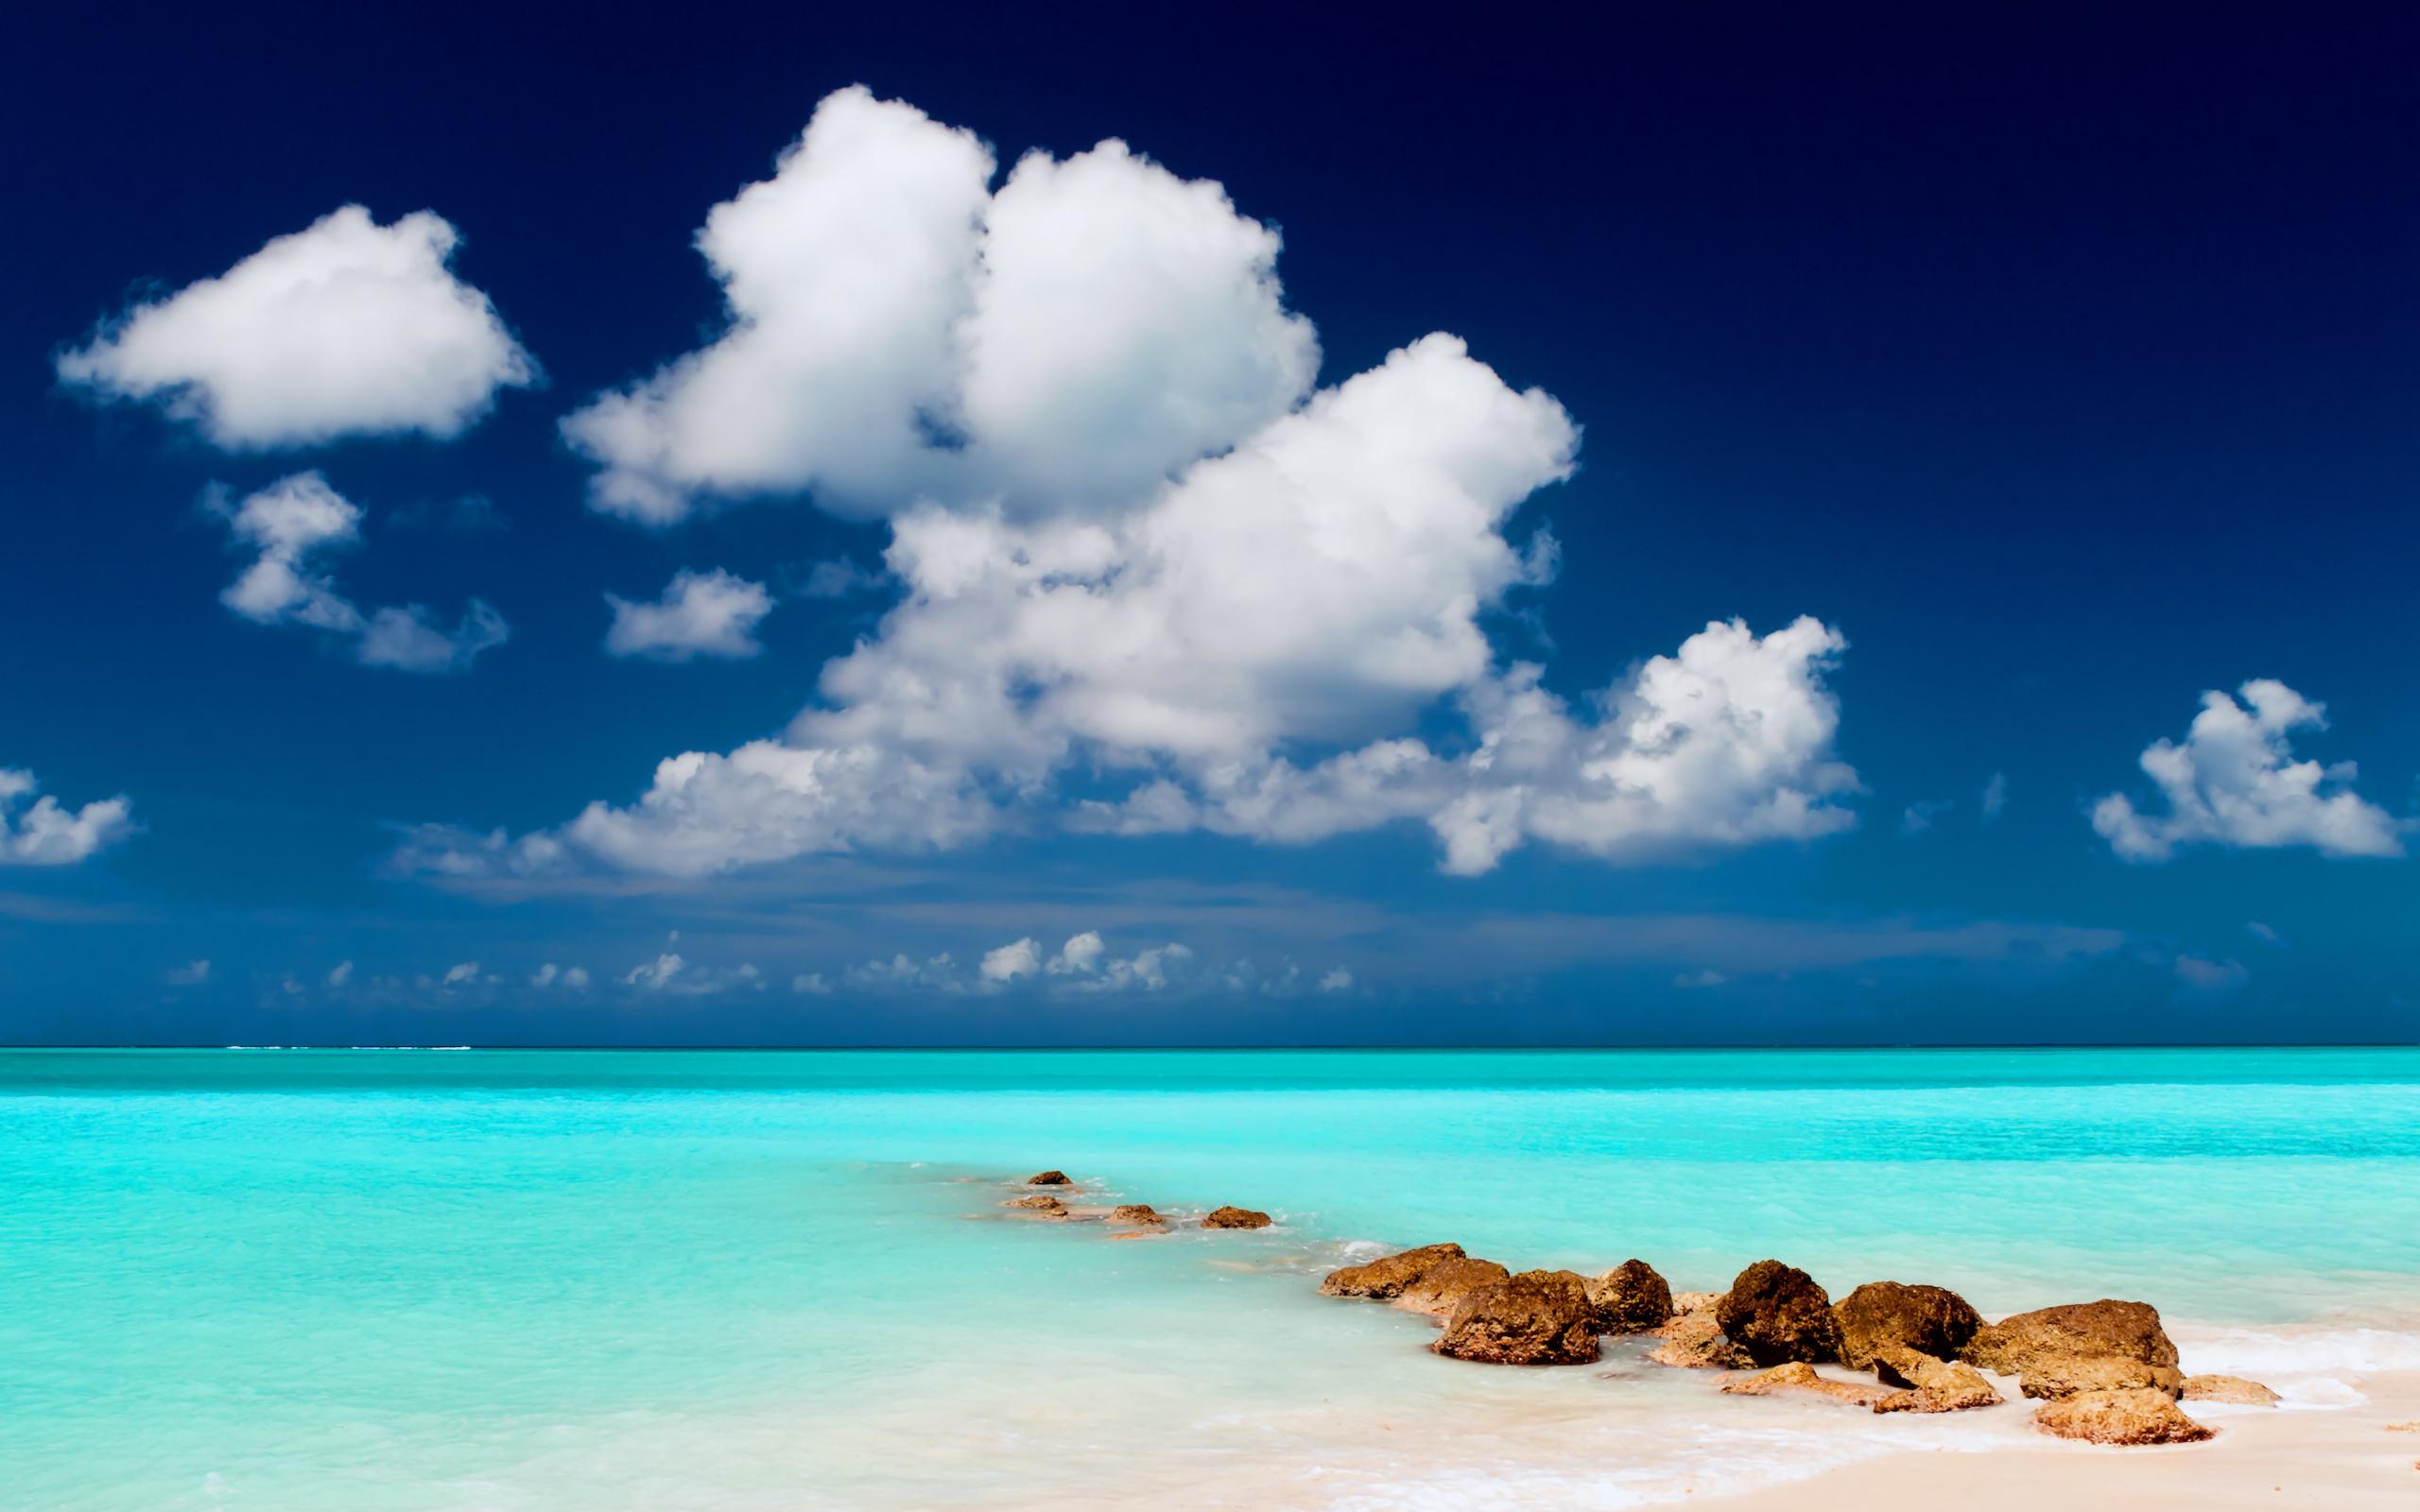 19101 скачать обои Пейзаж, Небо, Море, Облака, Пляж - заставки и картинки бесплатно